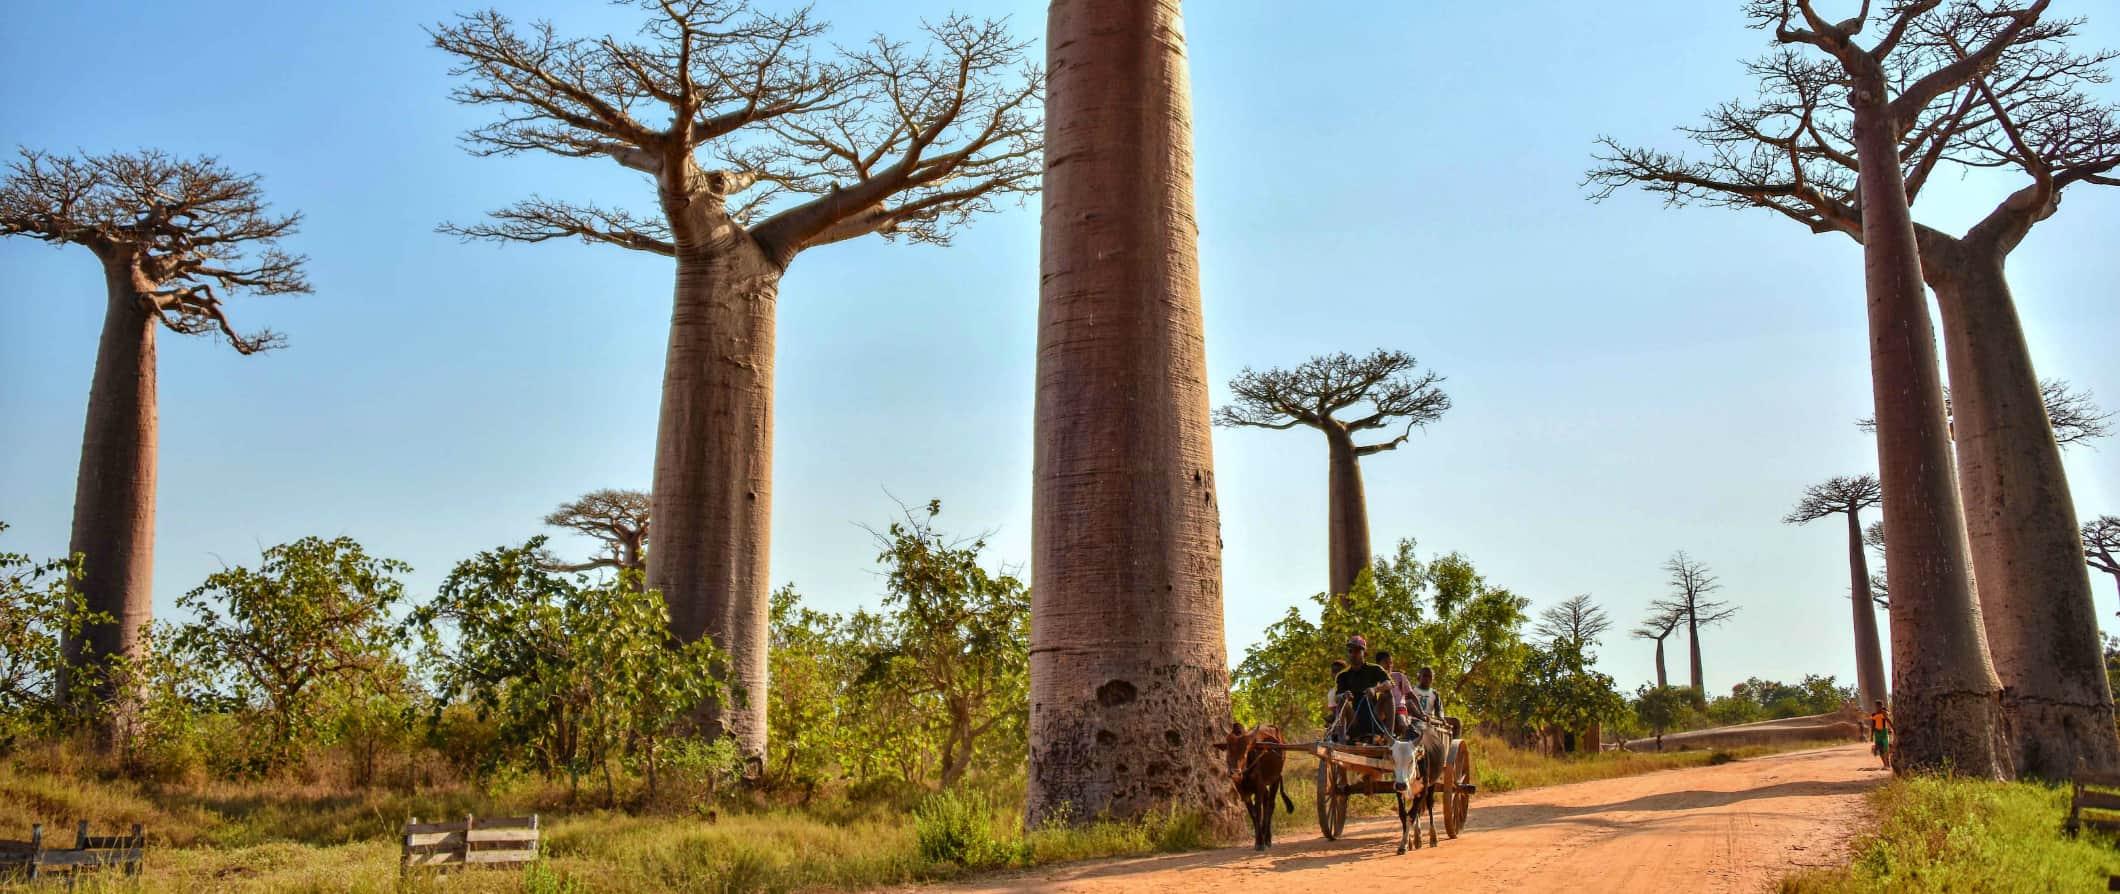 Baobab trees in Madagascar; Photo by Rod Waddington (flickr:@rod_waddington)